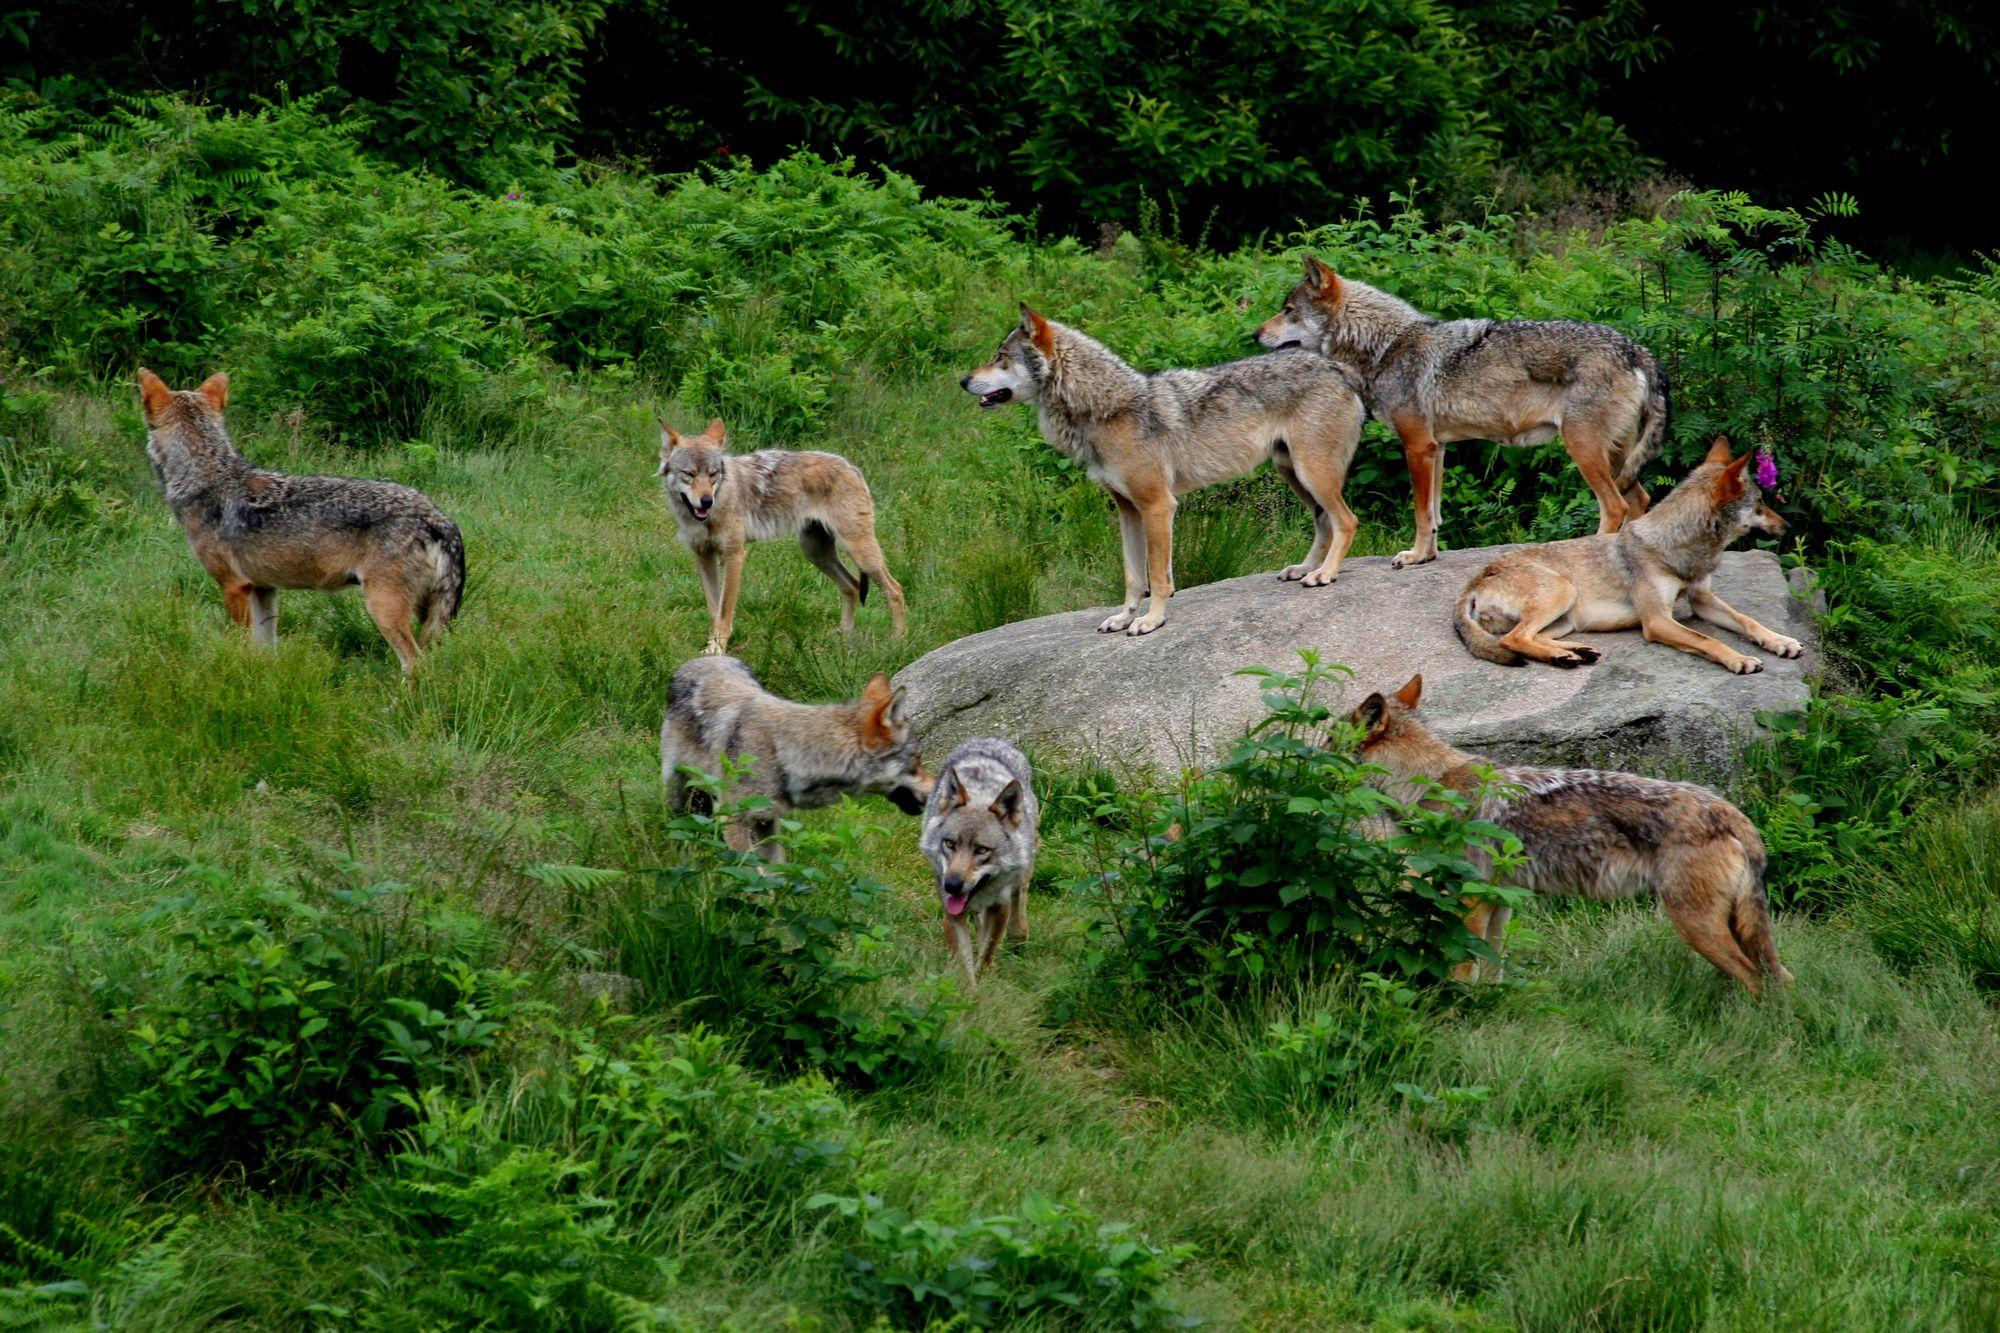 Gîte de 12 personnes en Creuse - Meute de loup